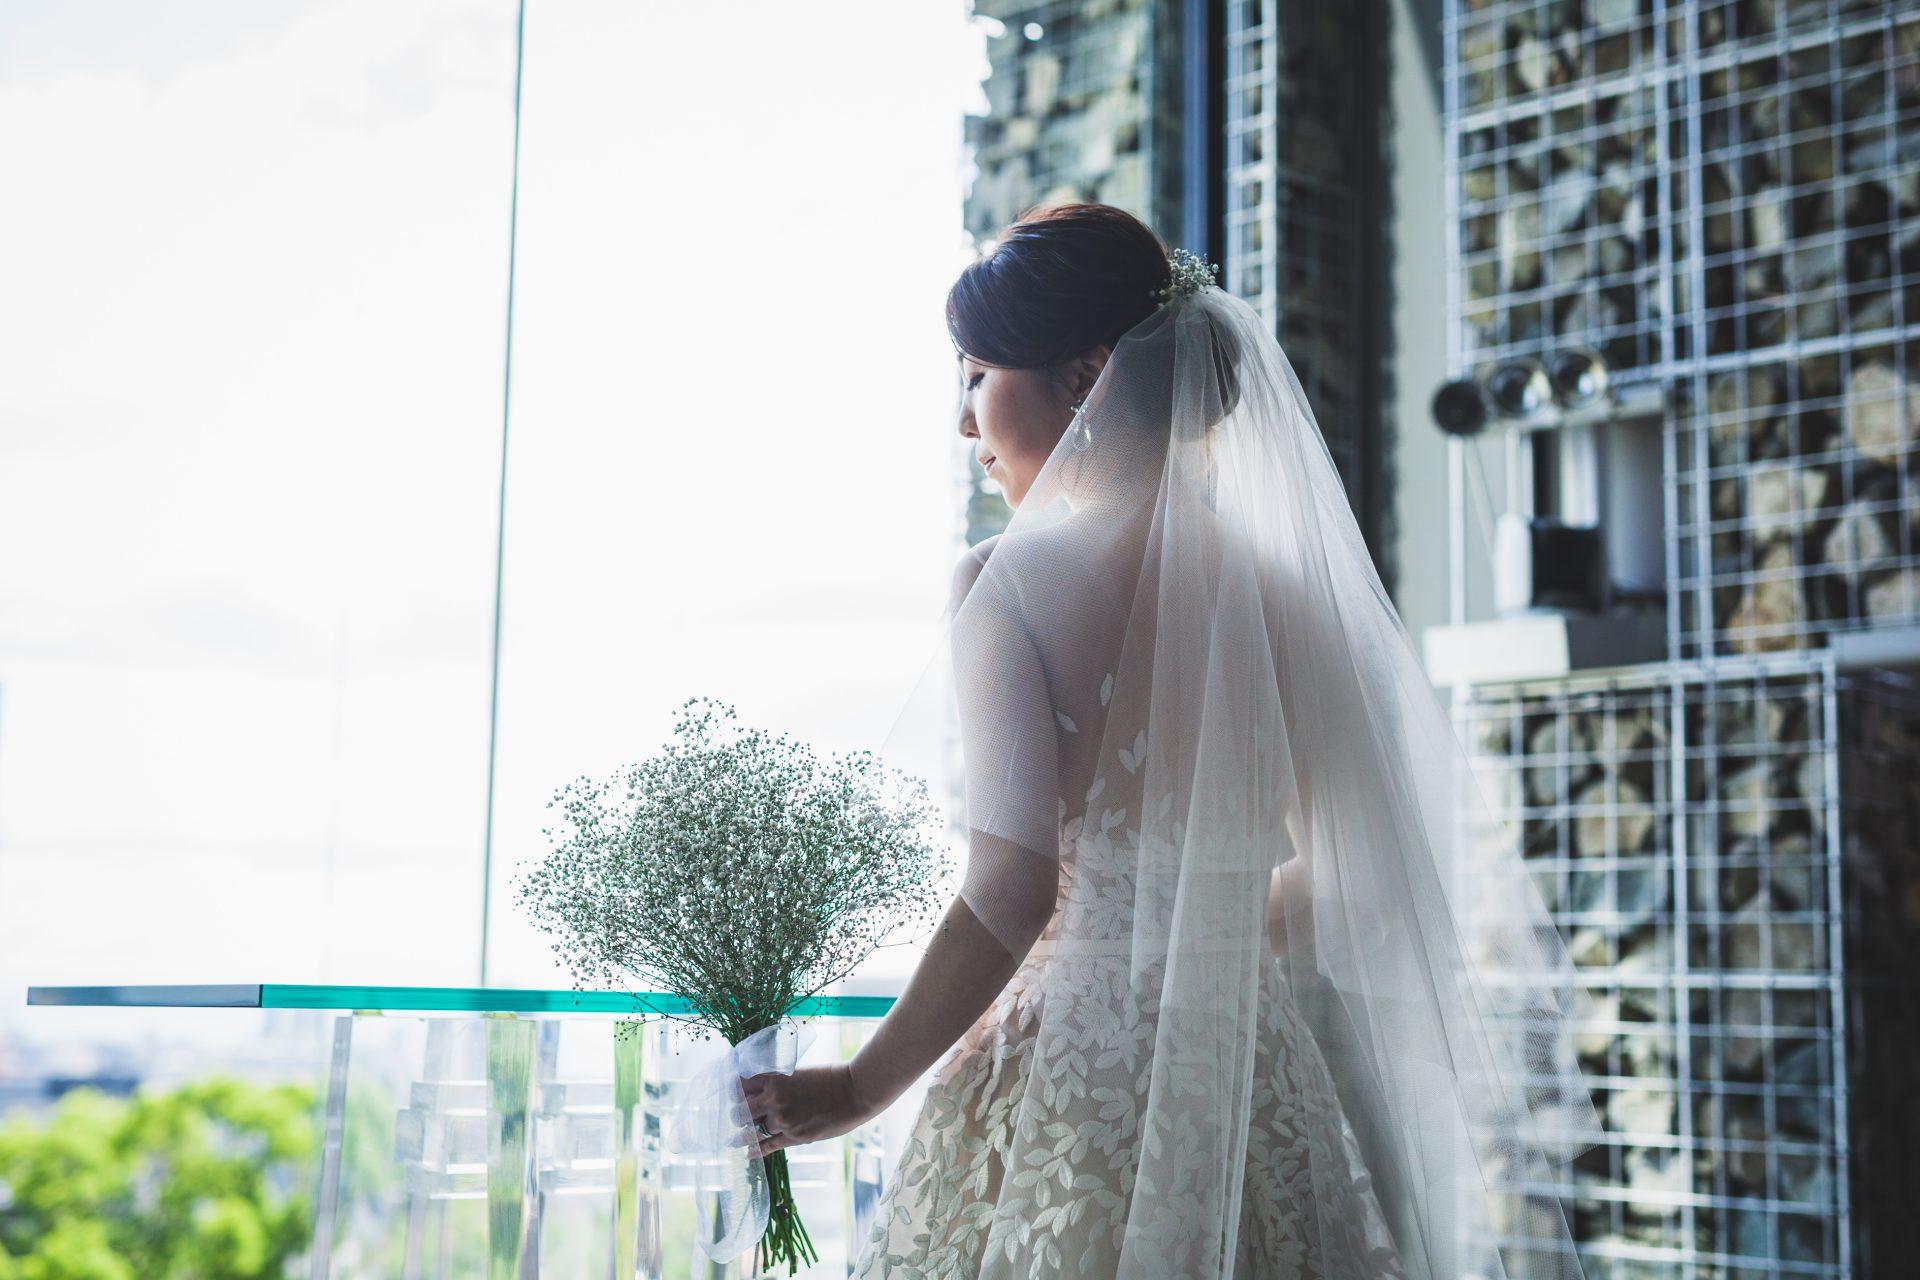 THE TREAT DRESSING神戸店がおすすめするお背中にリーフの刺繍が施されたミラズウィリンガーのウェディングドレスのご紹介